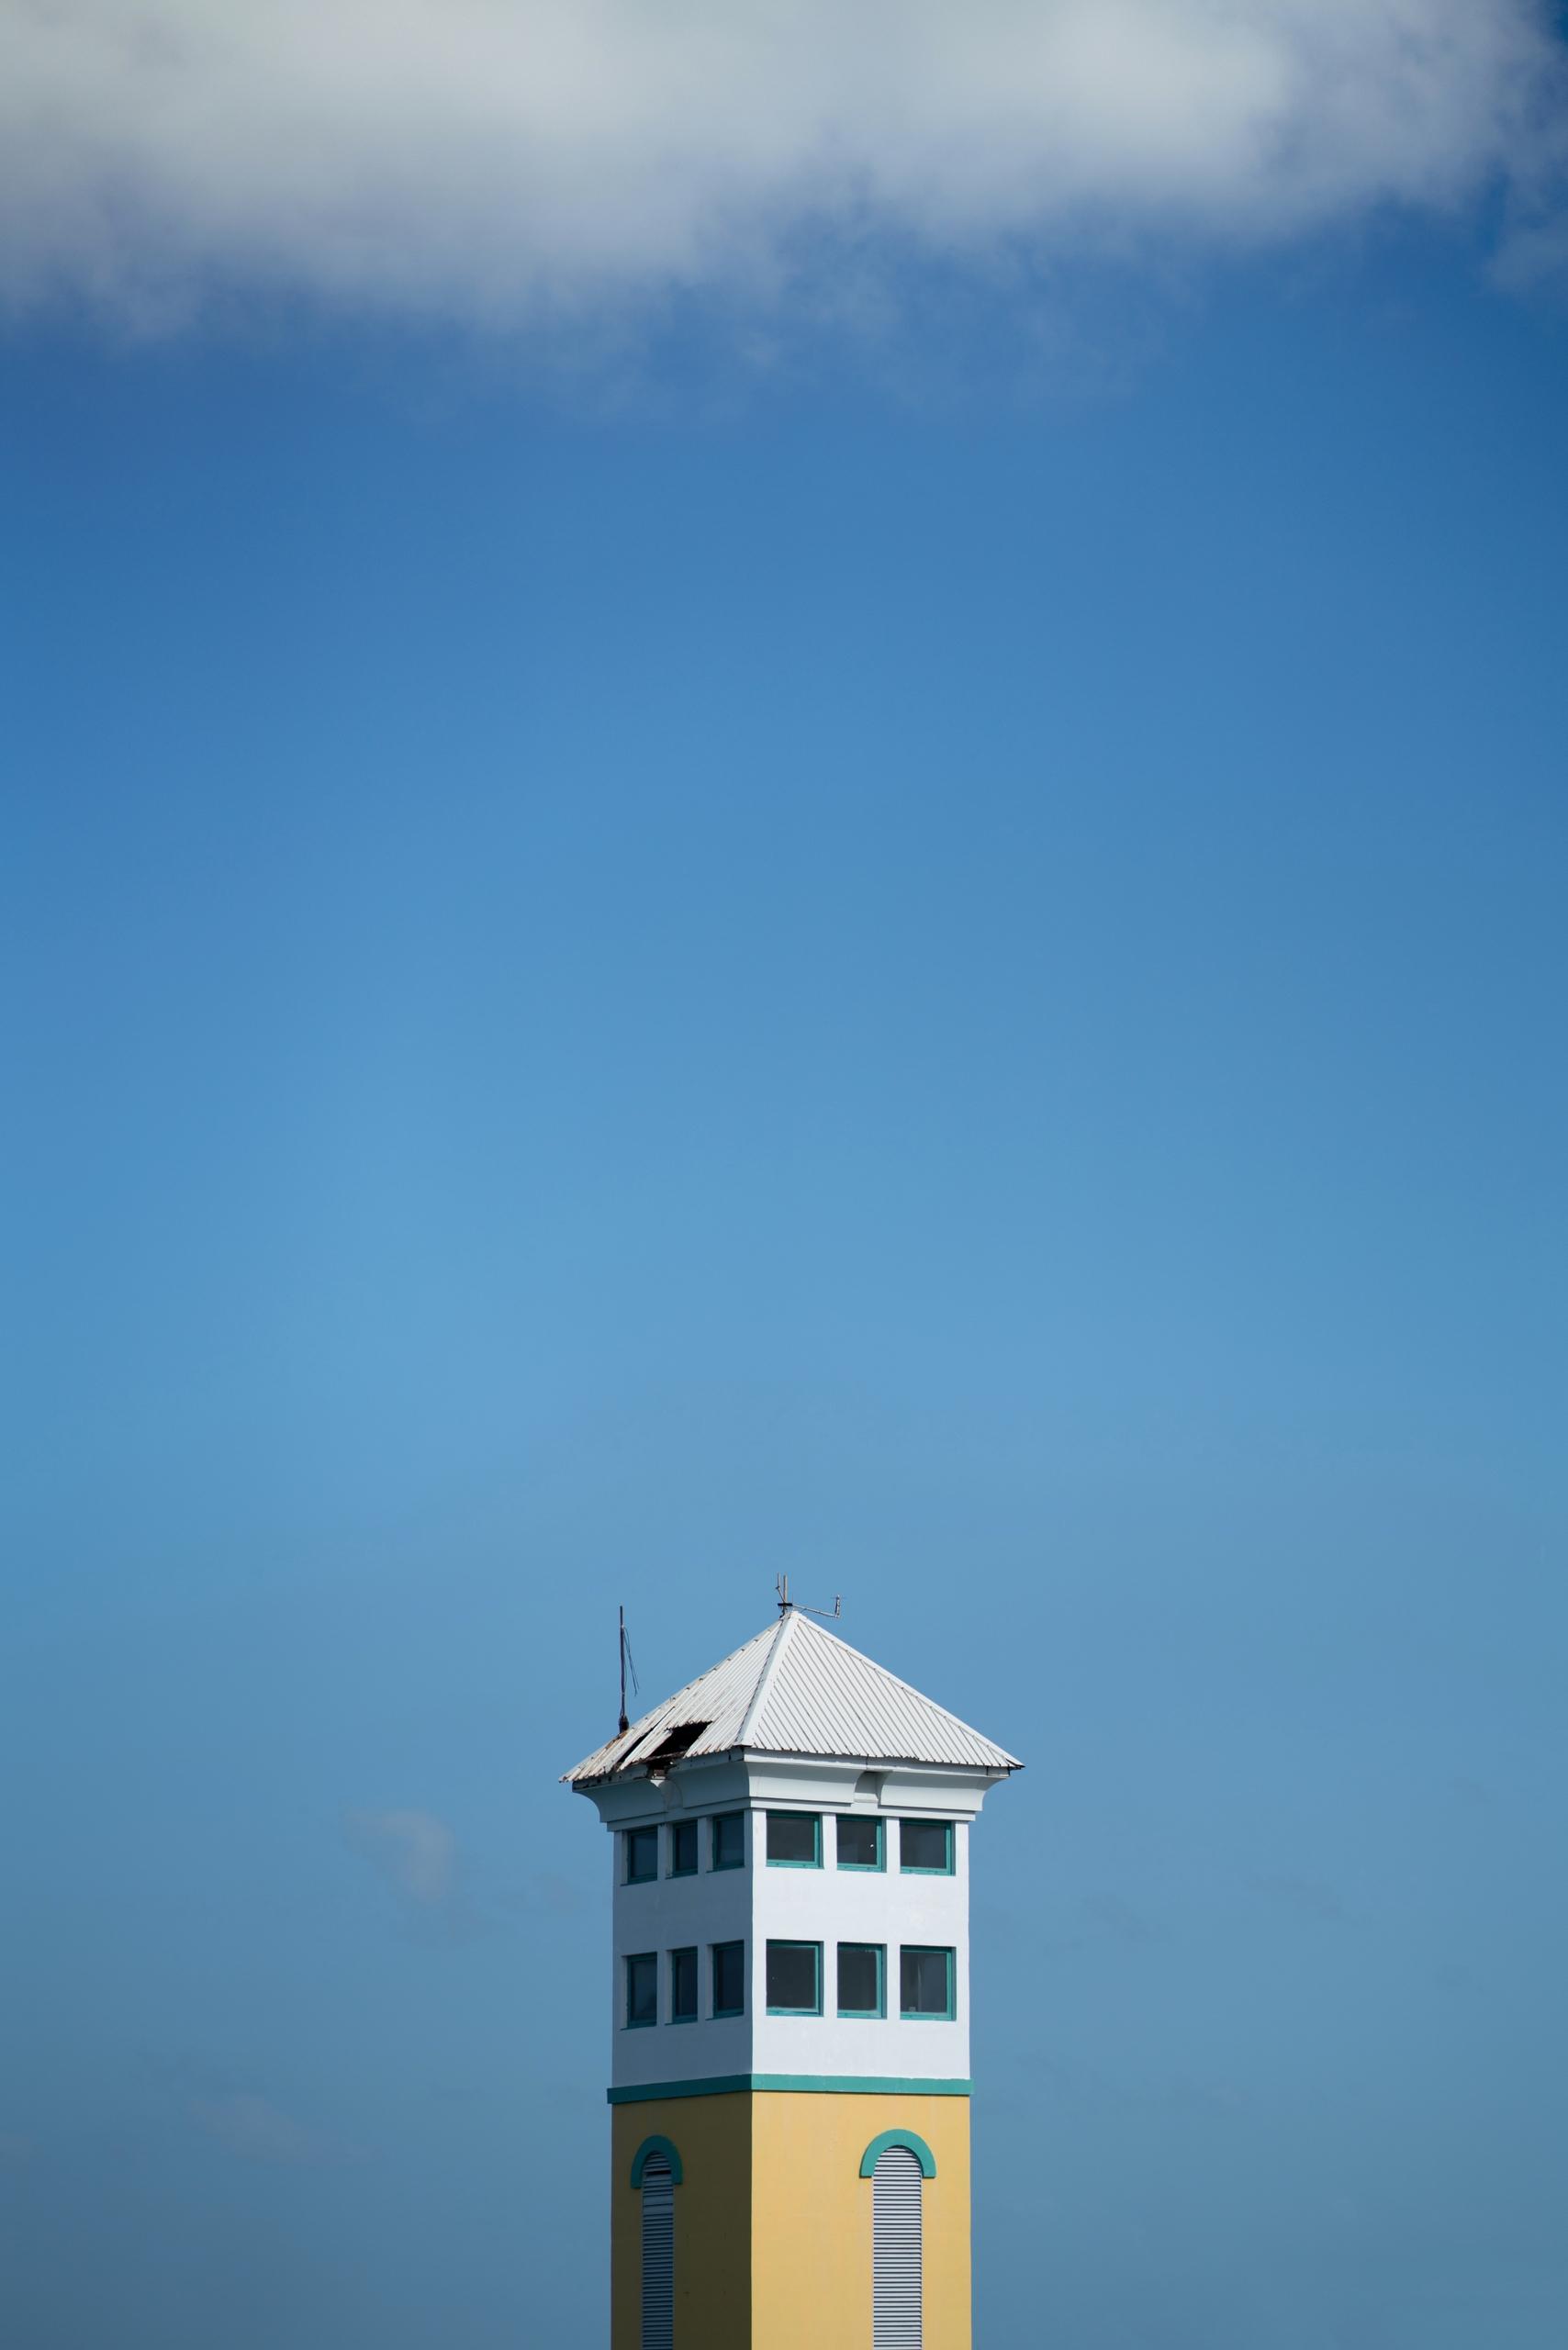 Harbour Master Tower studies si - rickschwartz | ello